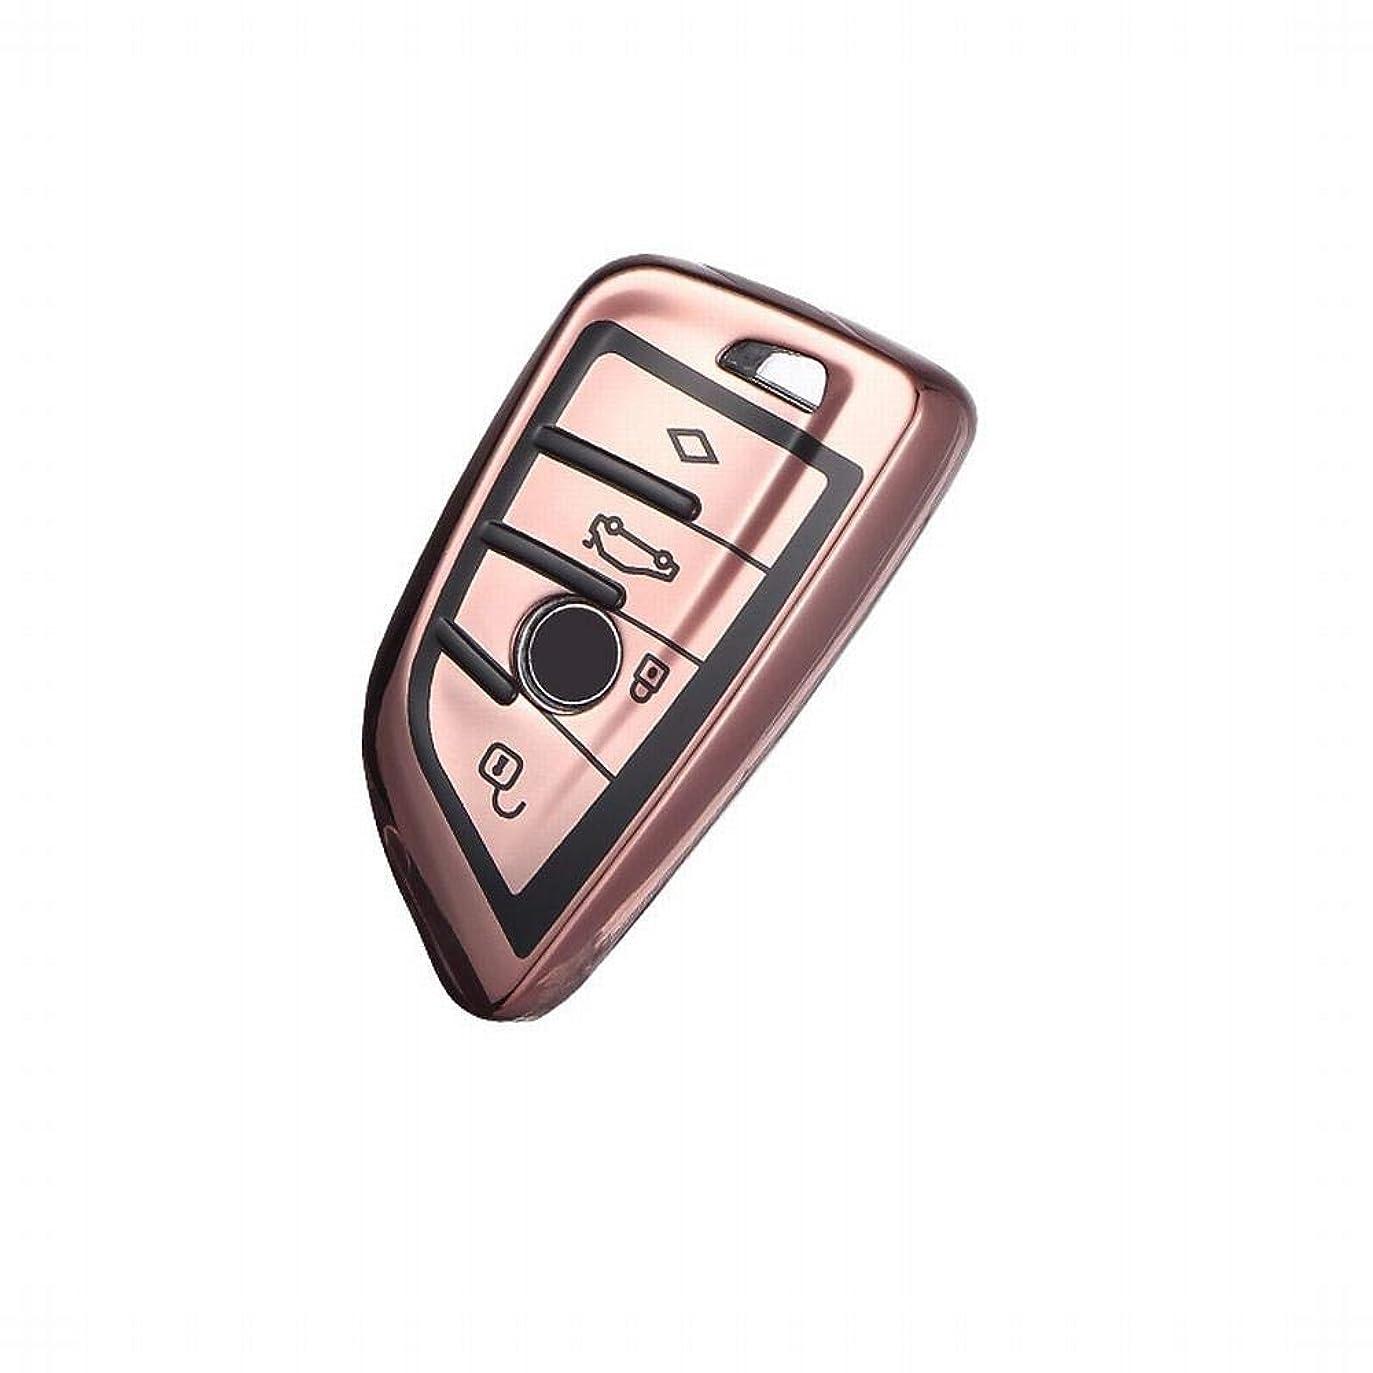 巨大平方答えHexiaoyi ソフトTPUカバープロテクターケースBMWフリップキーフォブ、車のリモコンキーフォブケース互換X1 525li x1x2x3リモートキー (色 : ピンク)